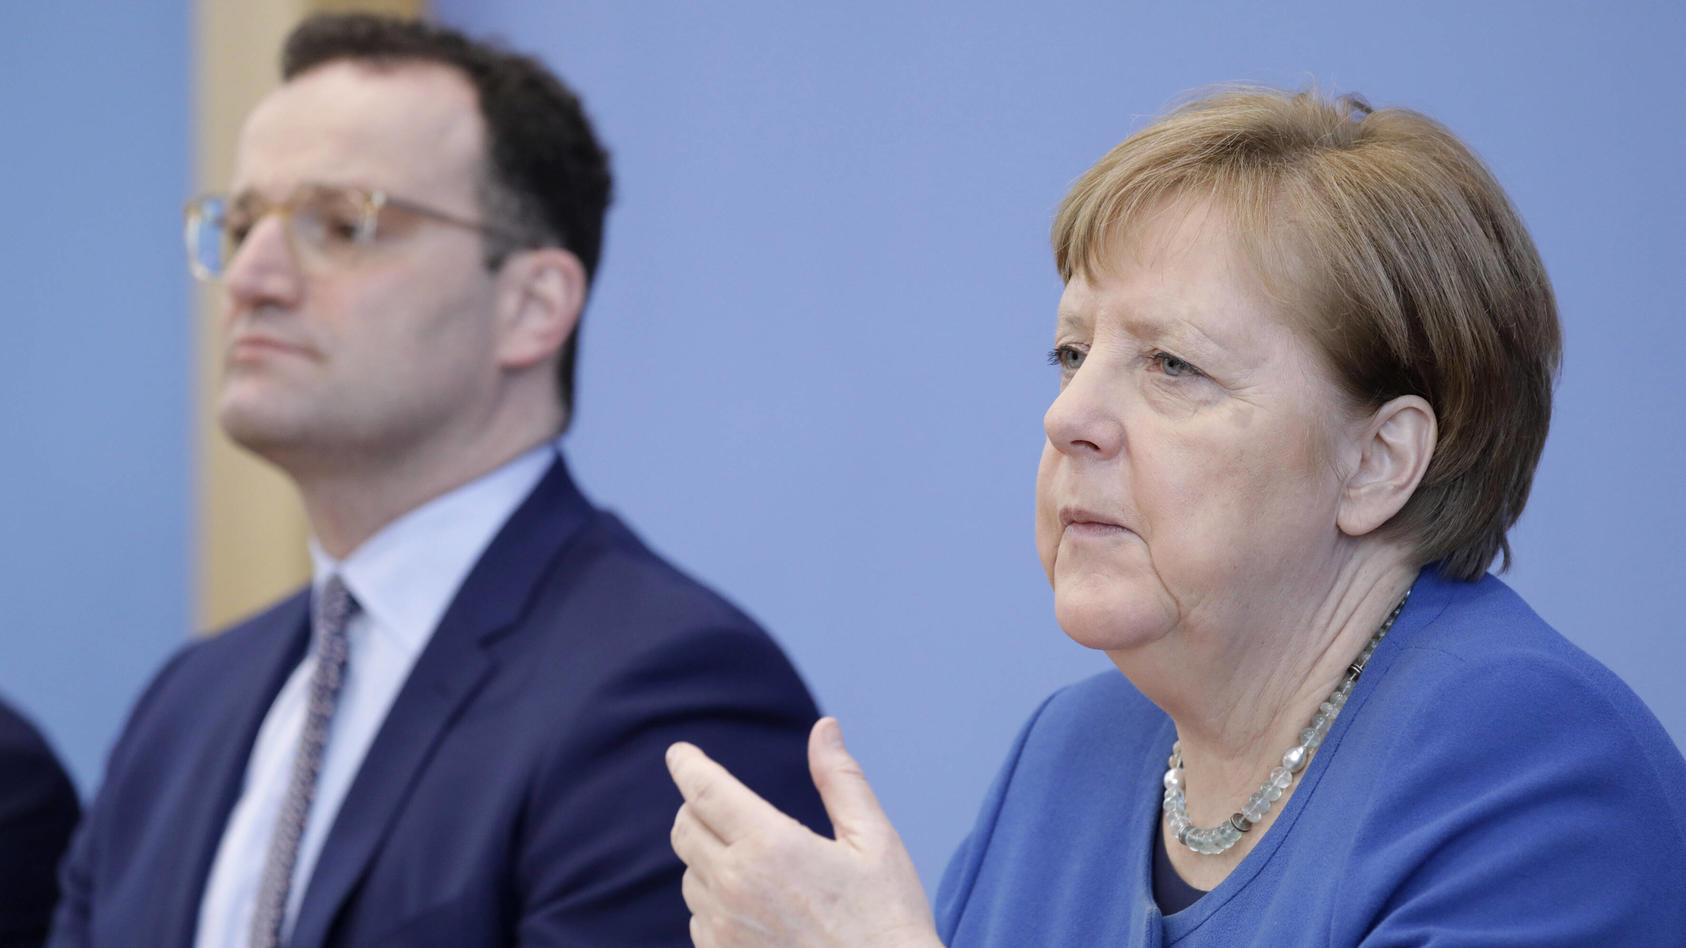 Jens Spahn, Bundesminister für Gesundheit und Angela Merkel nannten falsche Infektionszahlen.